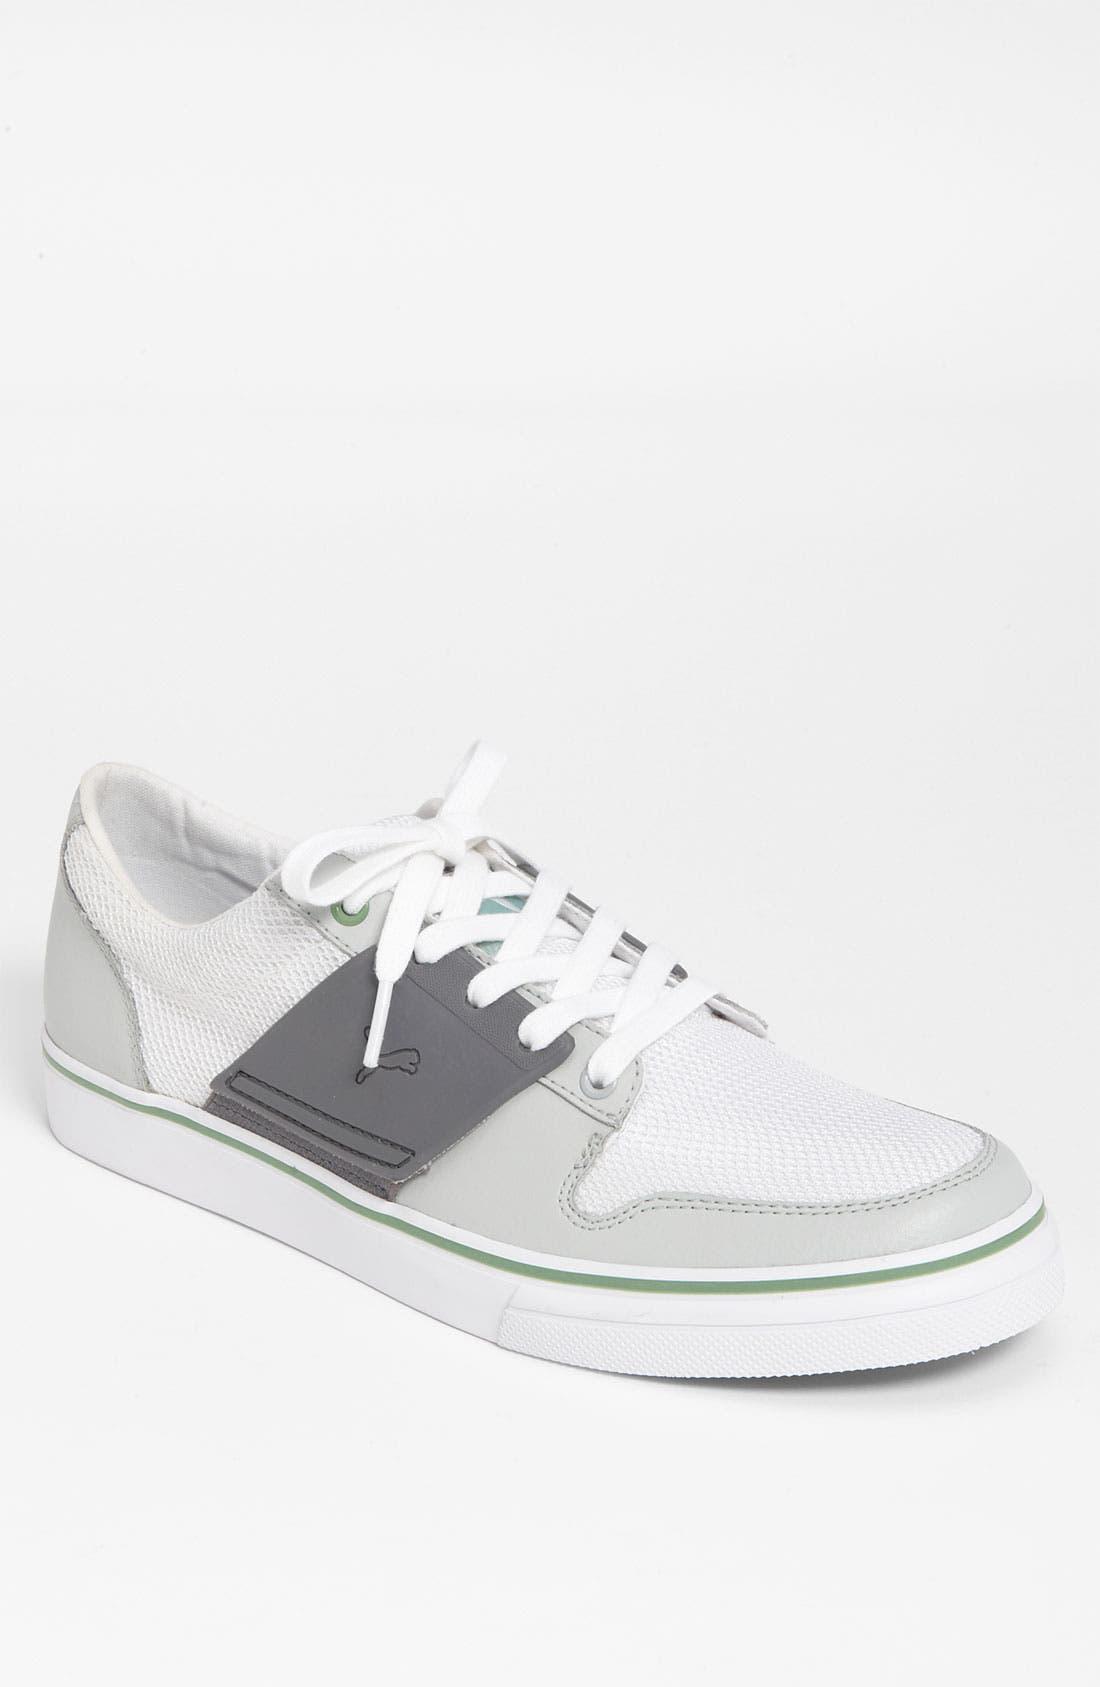 Alternate Image 1 Selected - PUMA 'El Ace 2' Sneaker (Men)